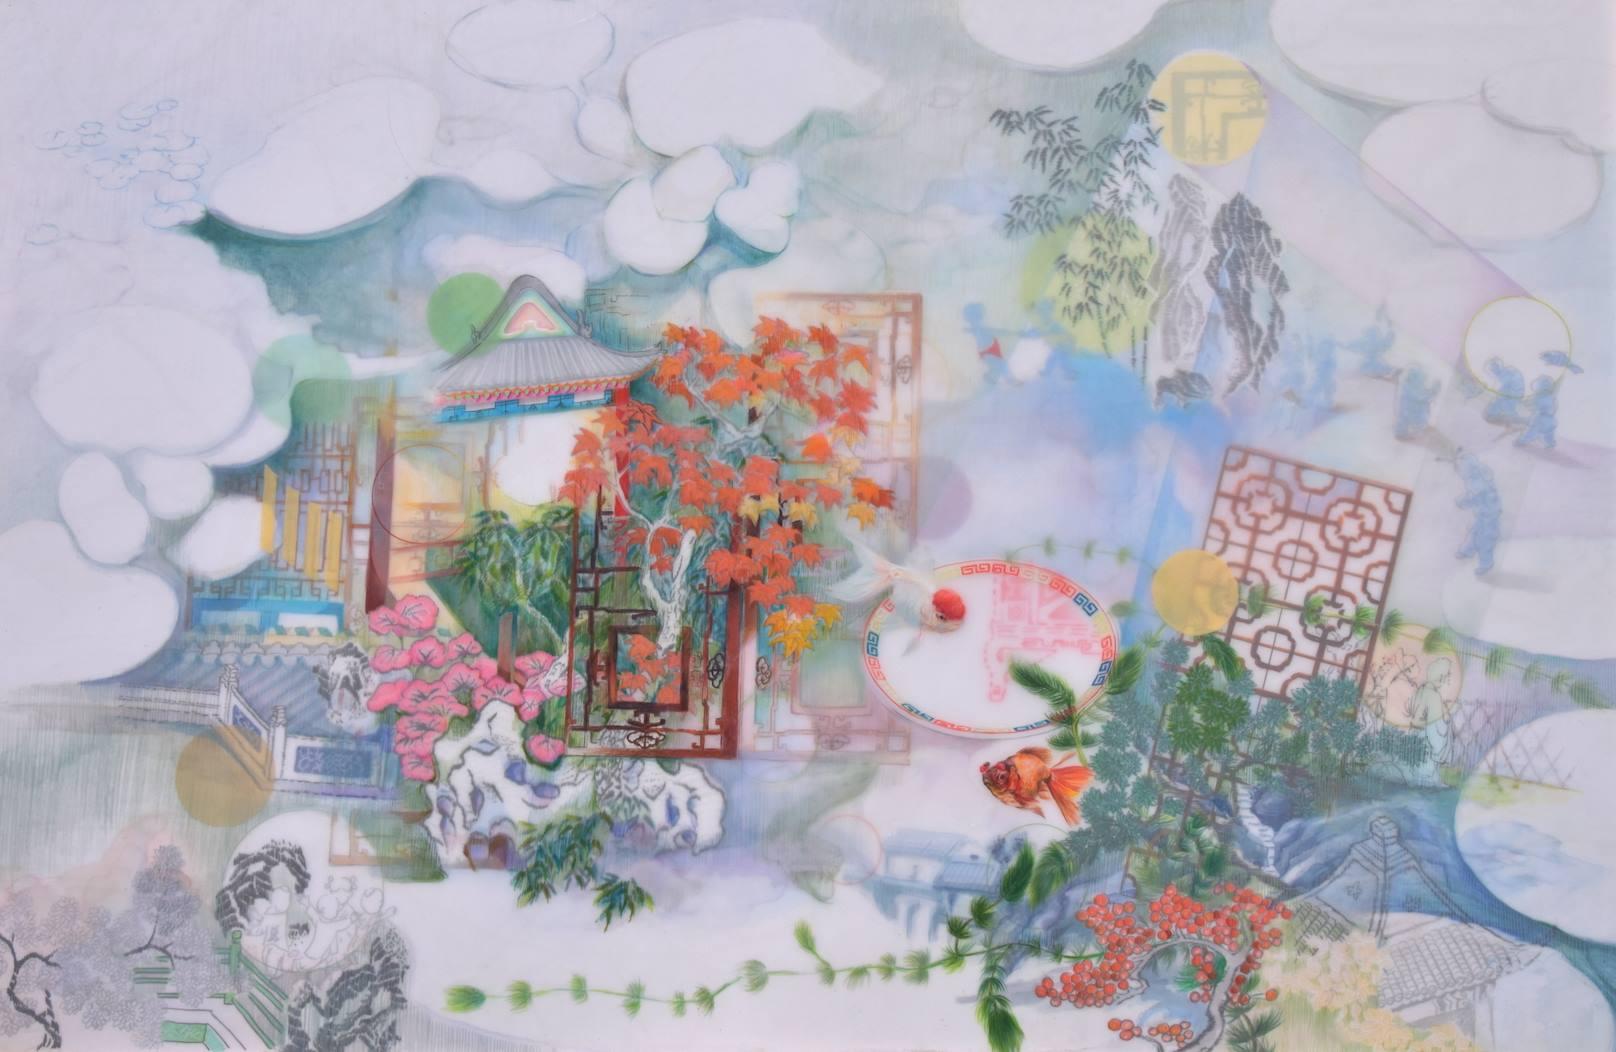 Courtsy of Luzhen Qiu